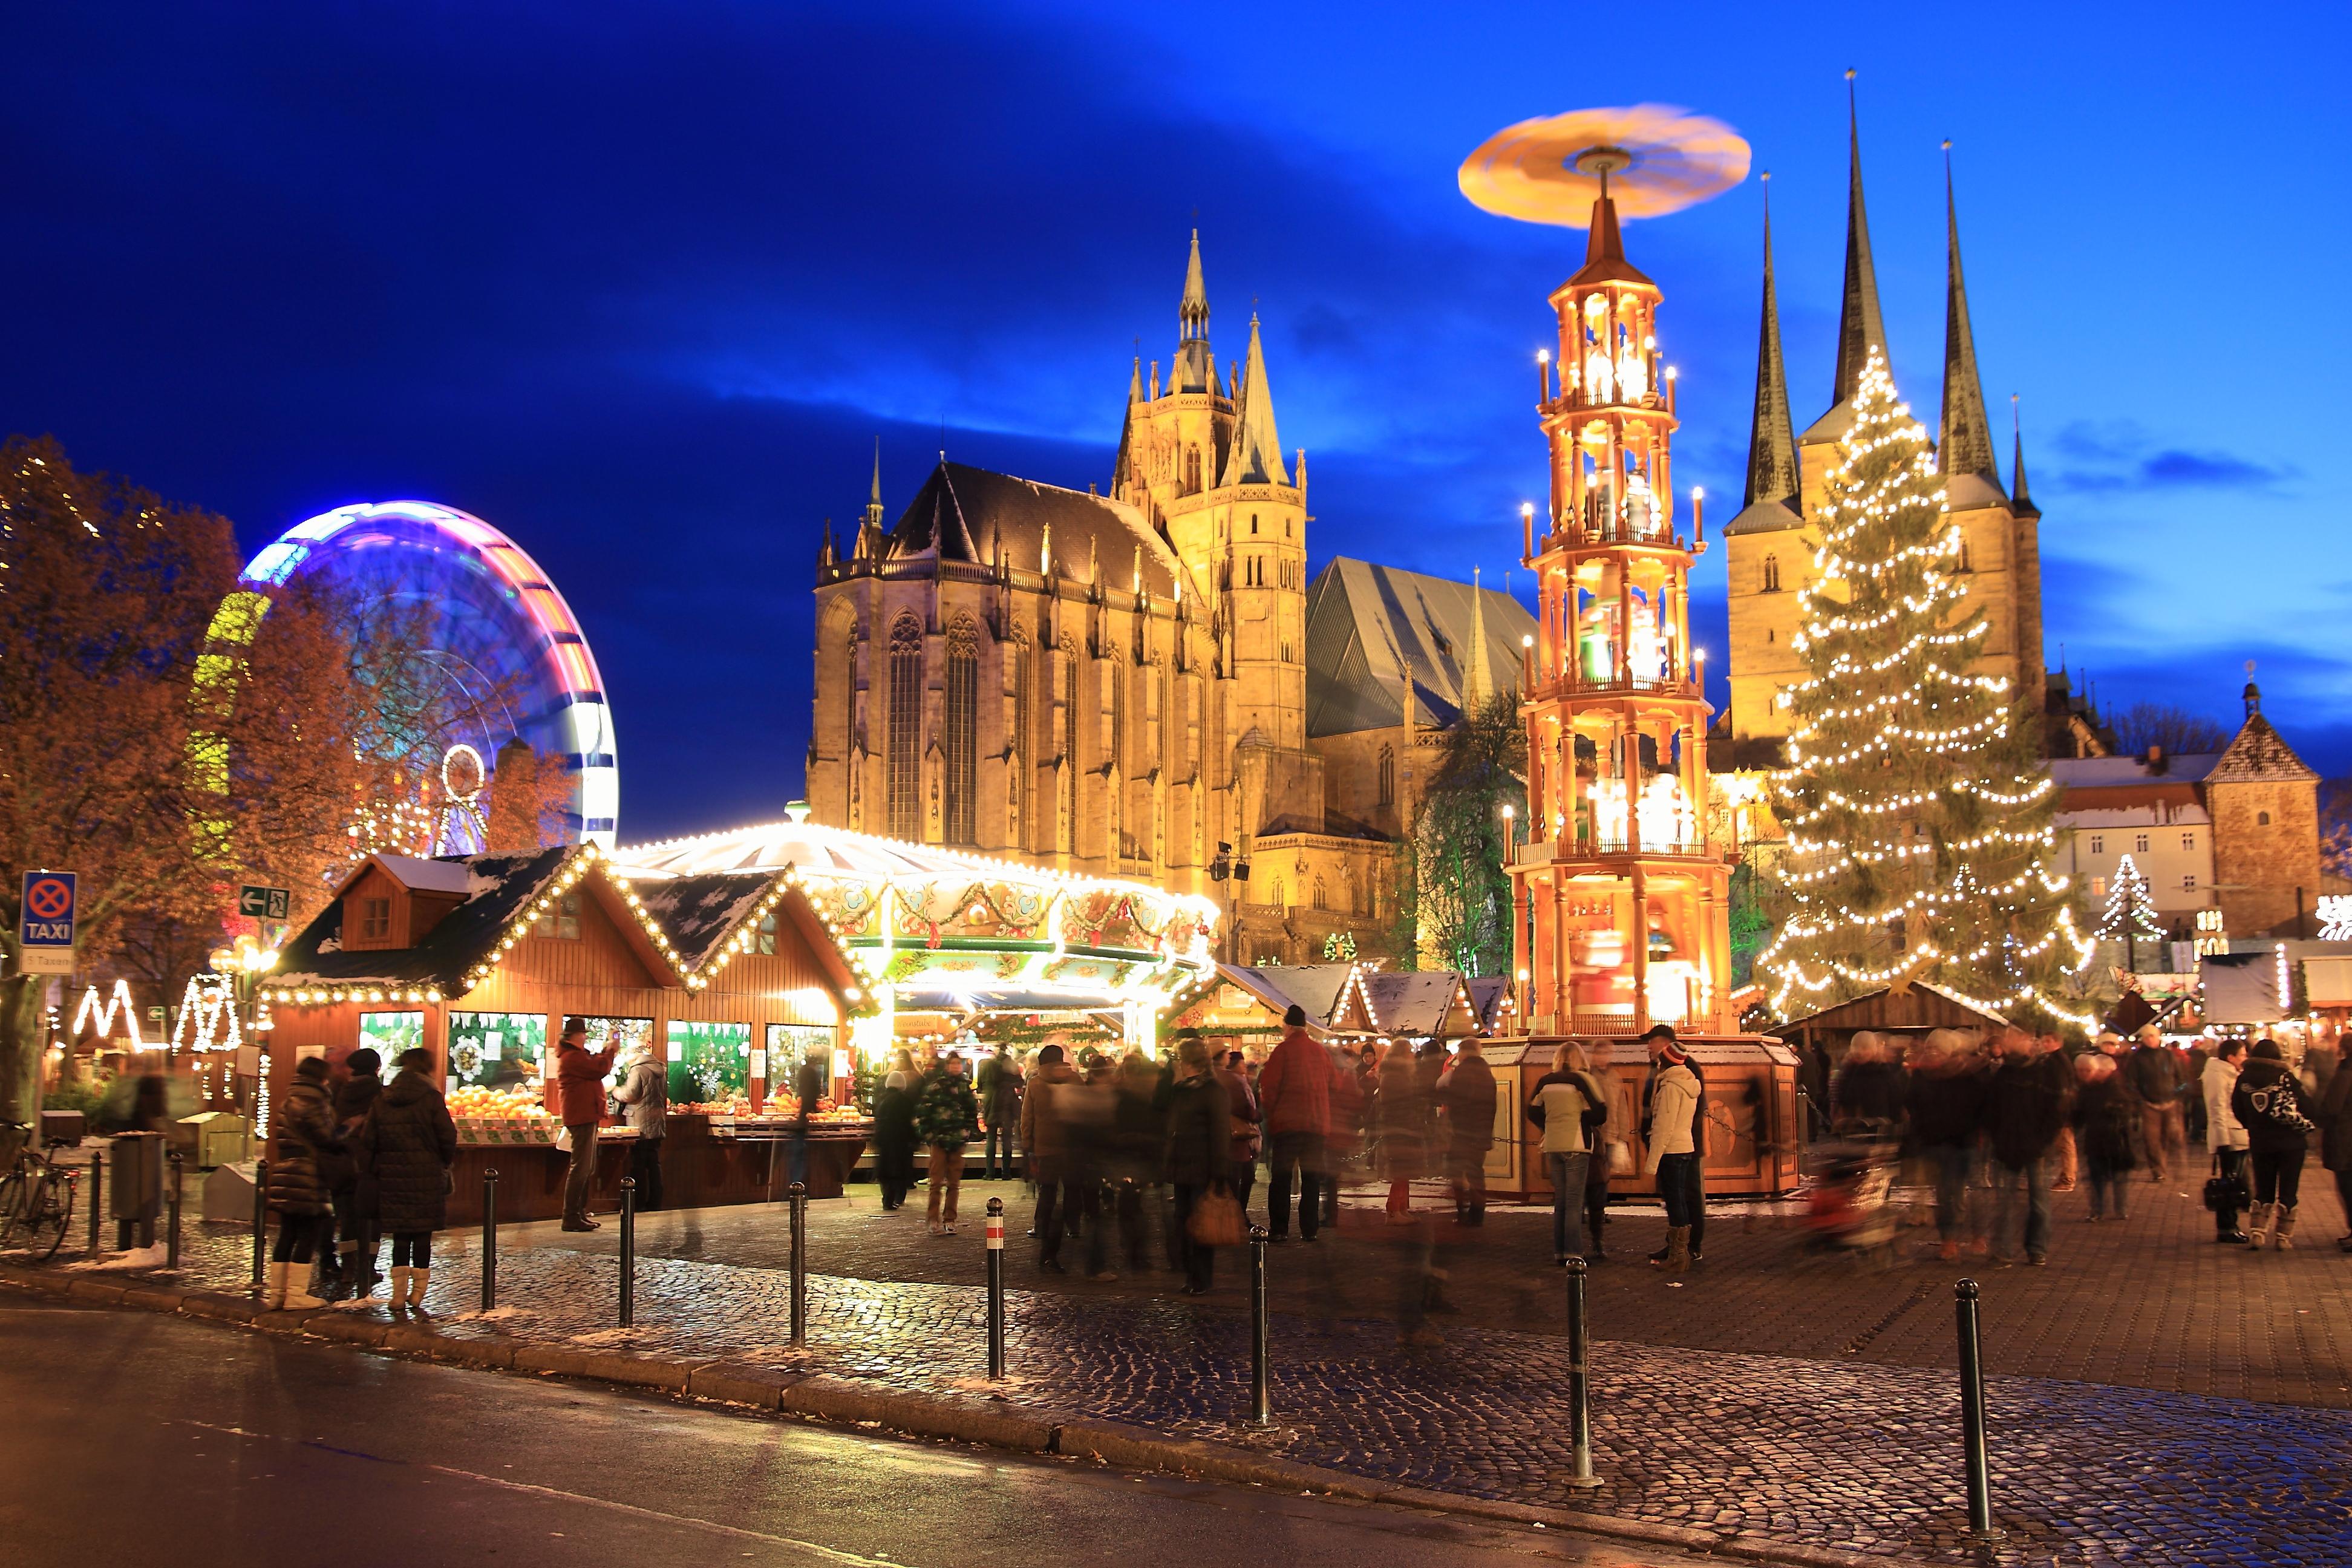 Weihnachtsmarkt I.Erfurt Bilder Feste Märkte Und Veranstaltungen Erfurt De